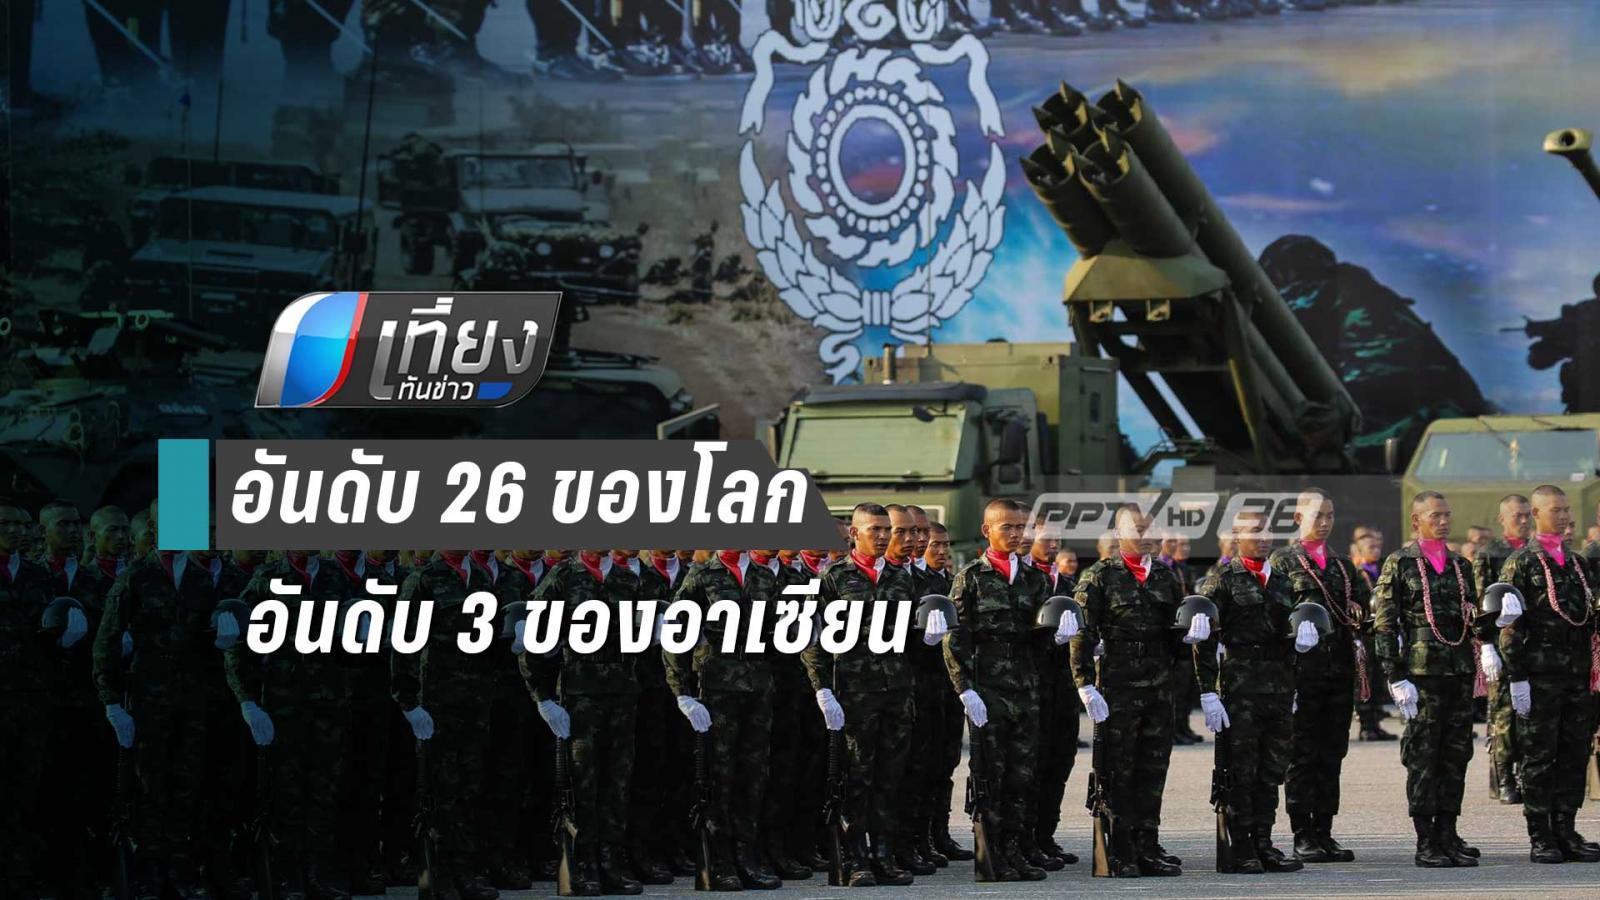 แสนยานุภาพ กองทัพไทย ติดอันดับ 26 ของโลก